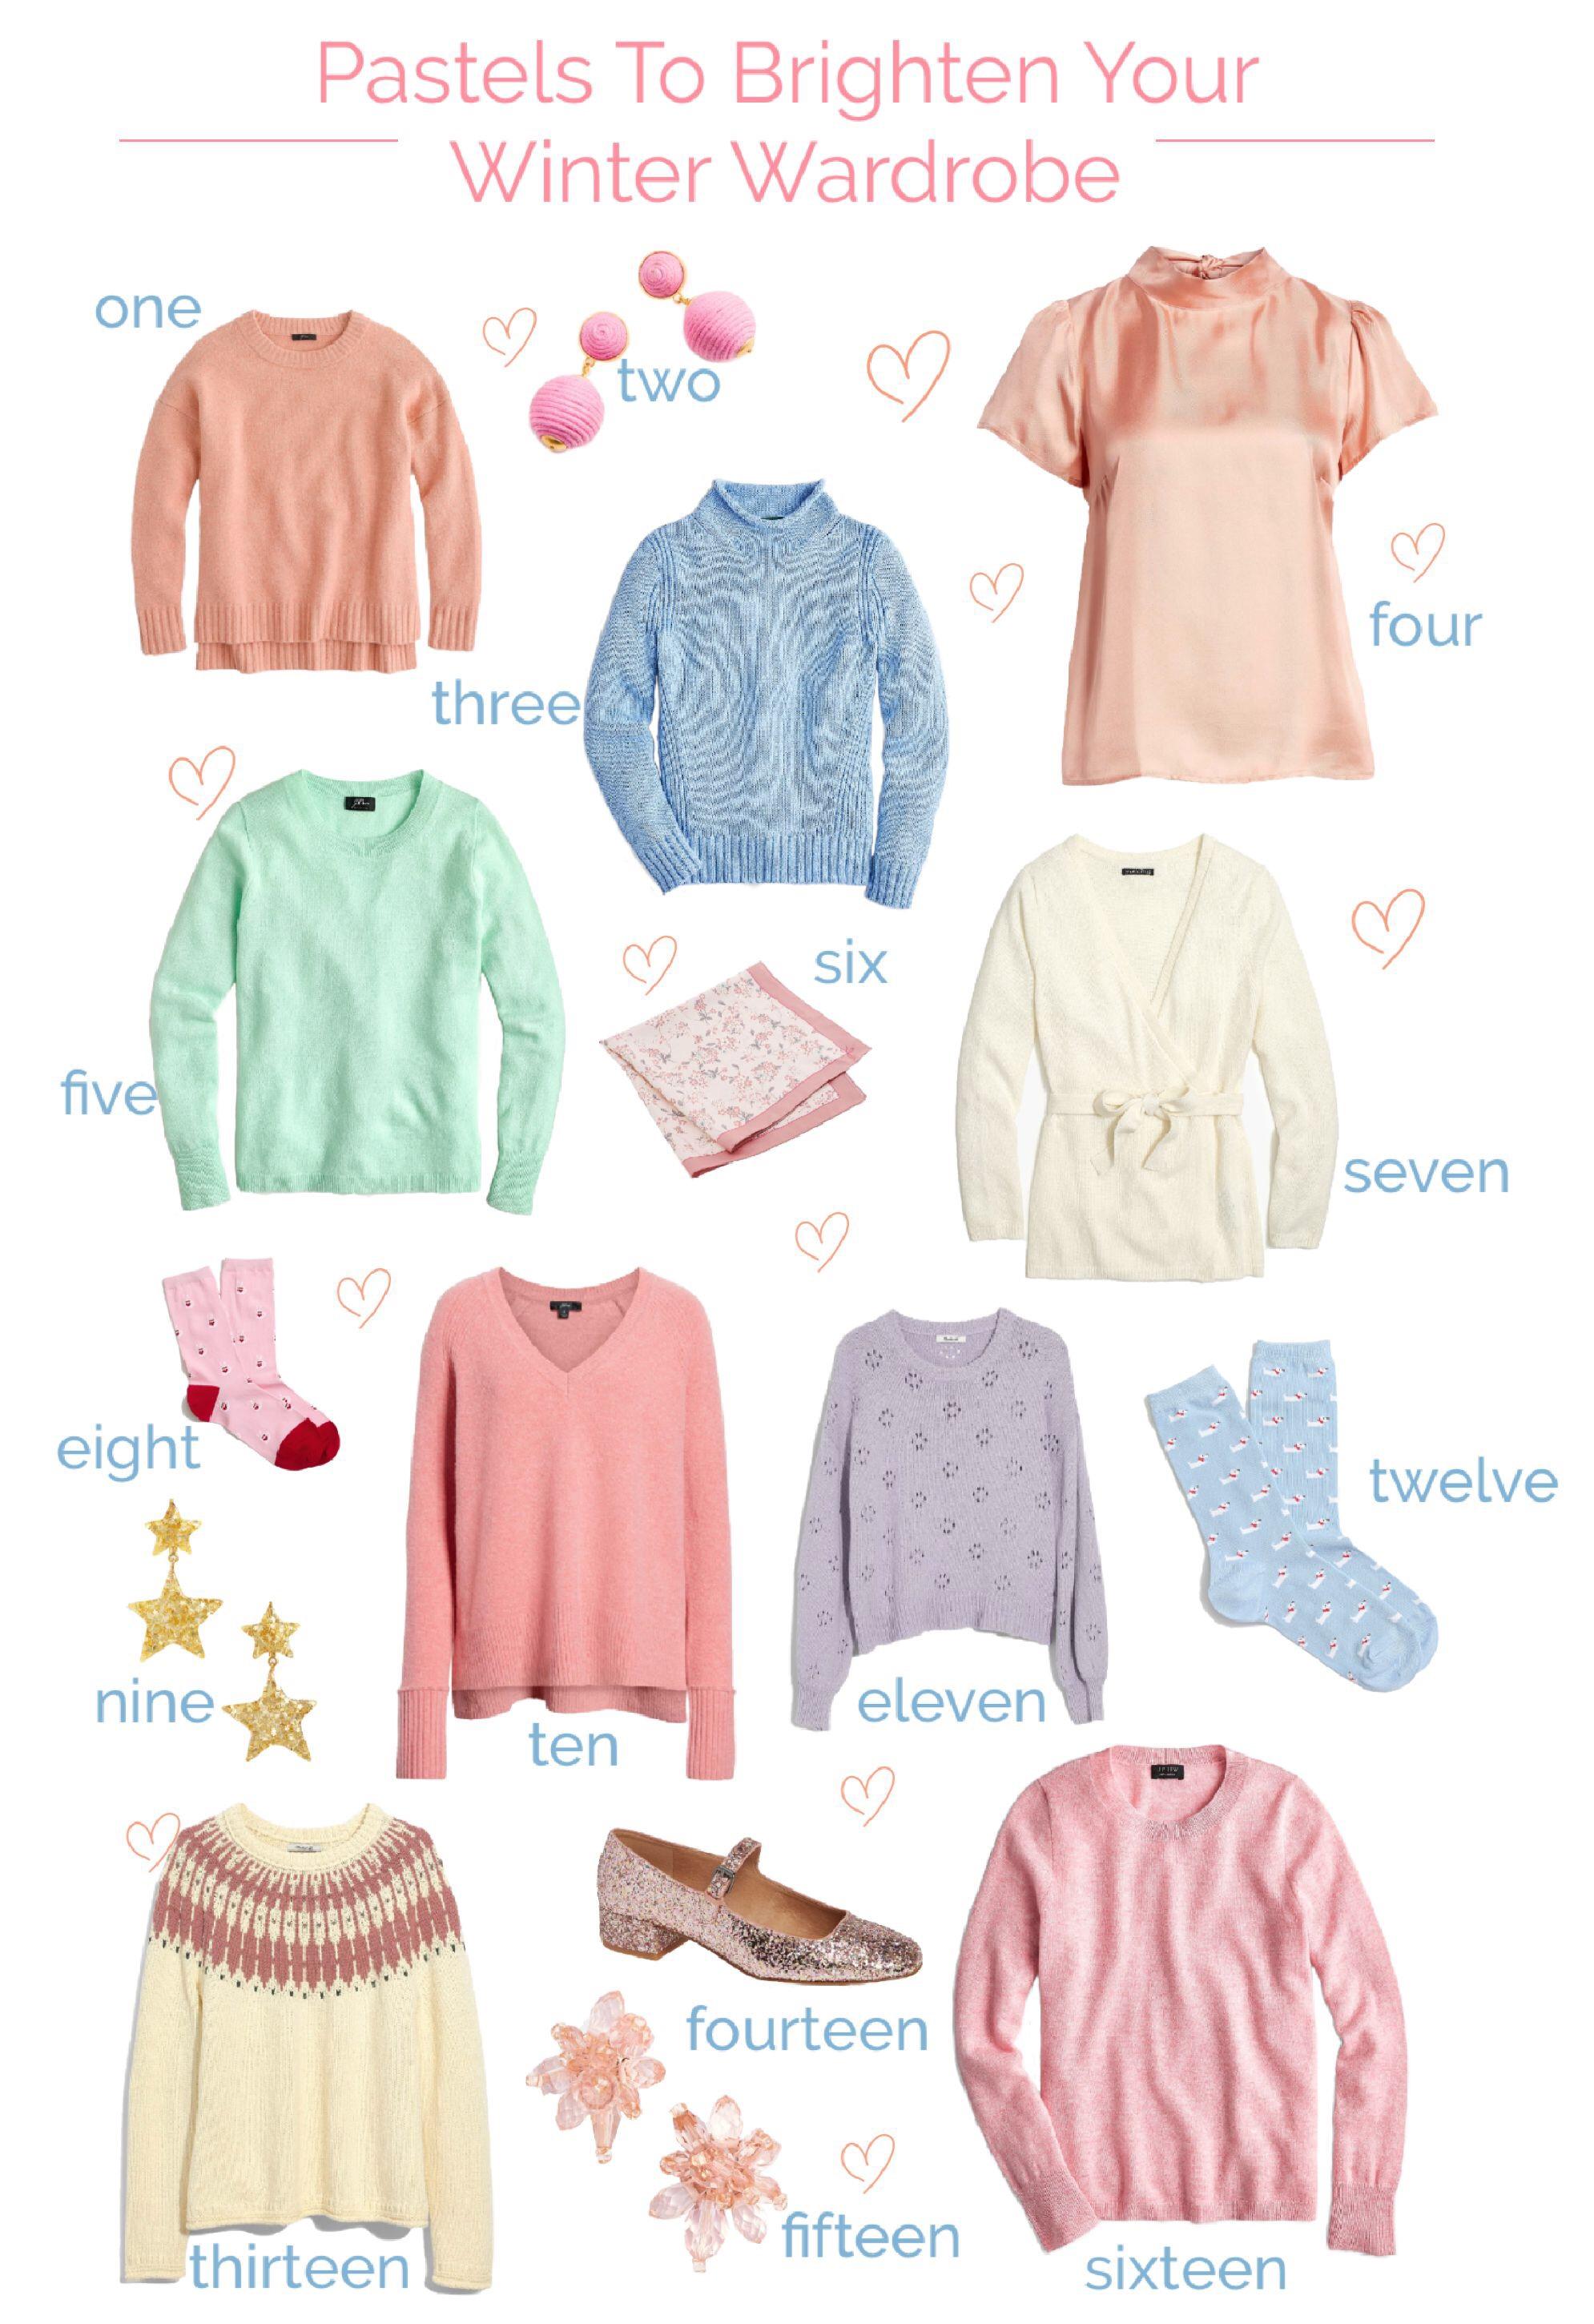 Pastels to brighten your winter wardrobe